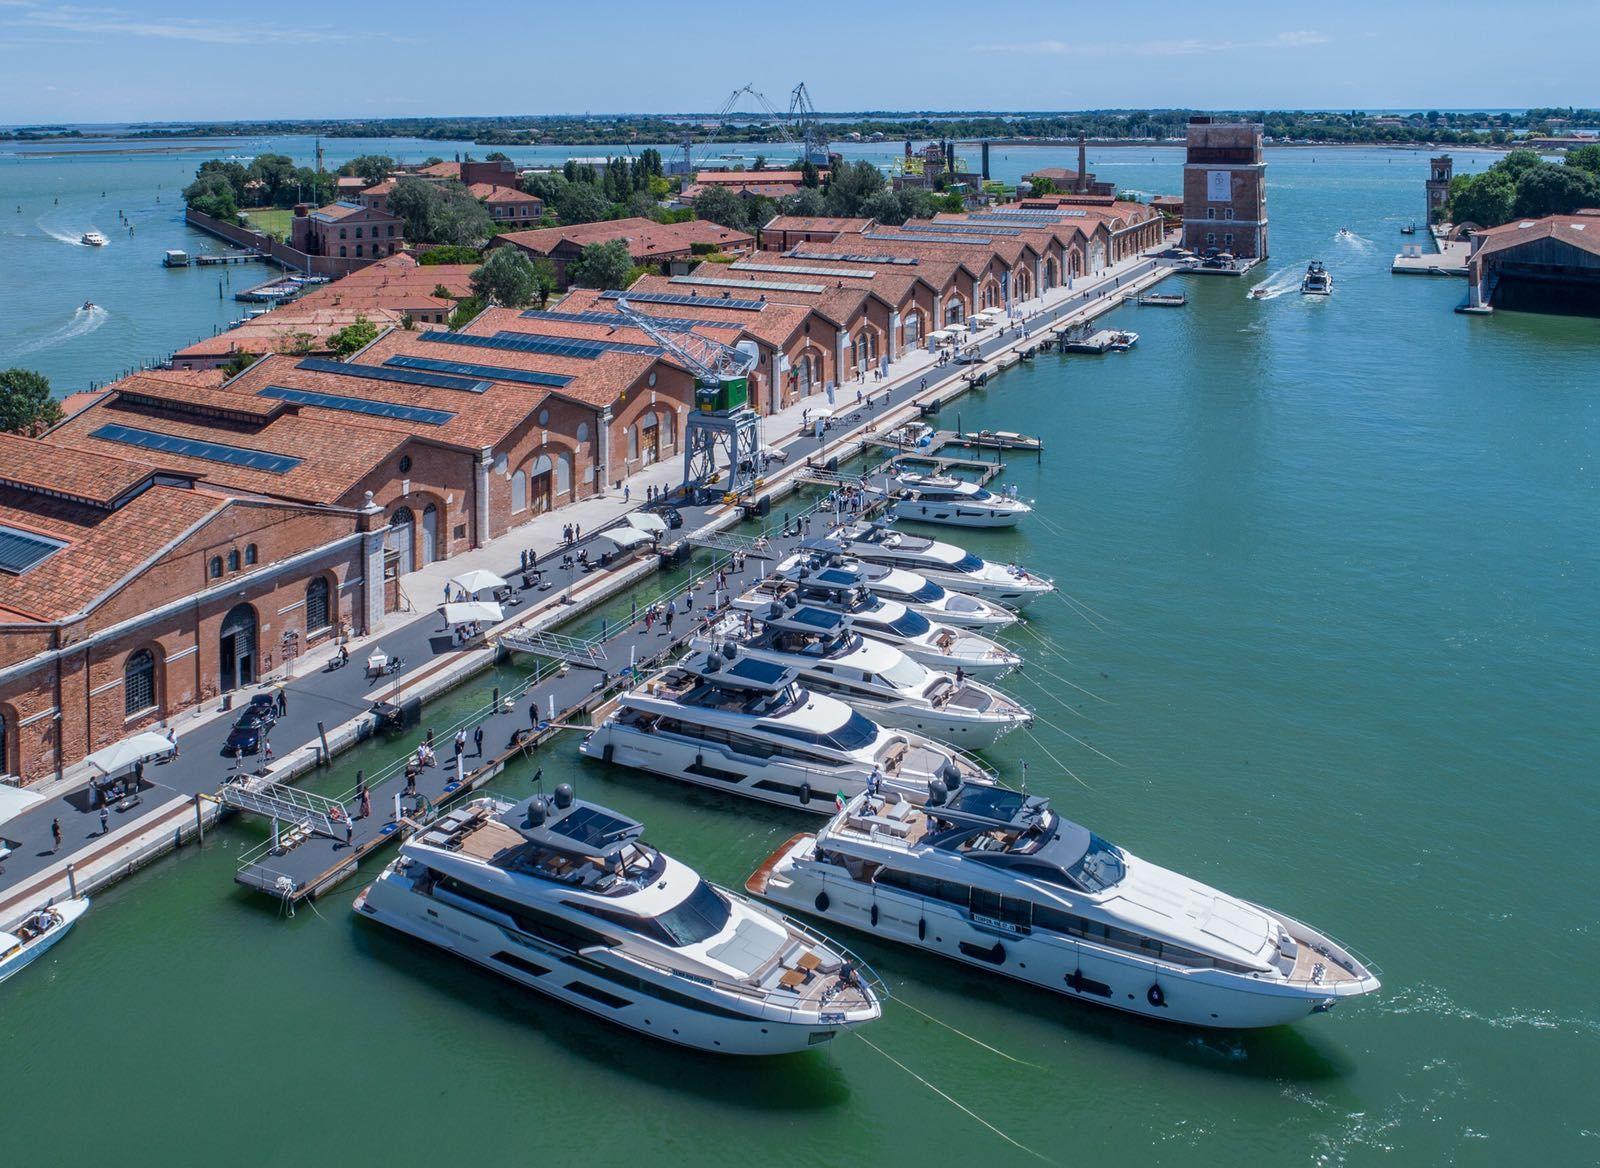 The Ferretti Yachts fleet moored at the Arsenale di Venezia